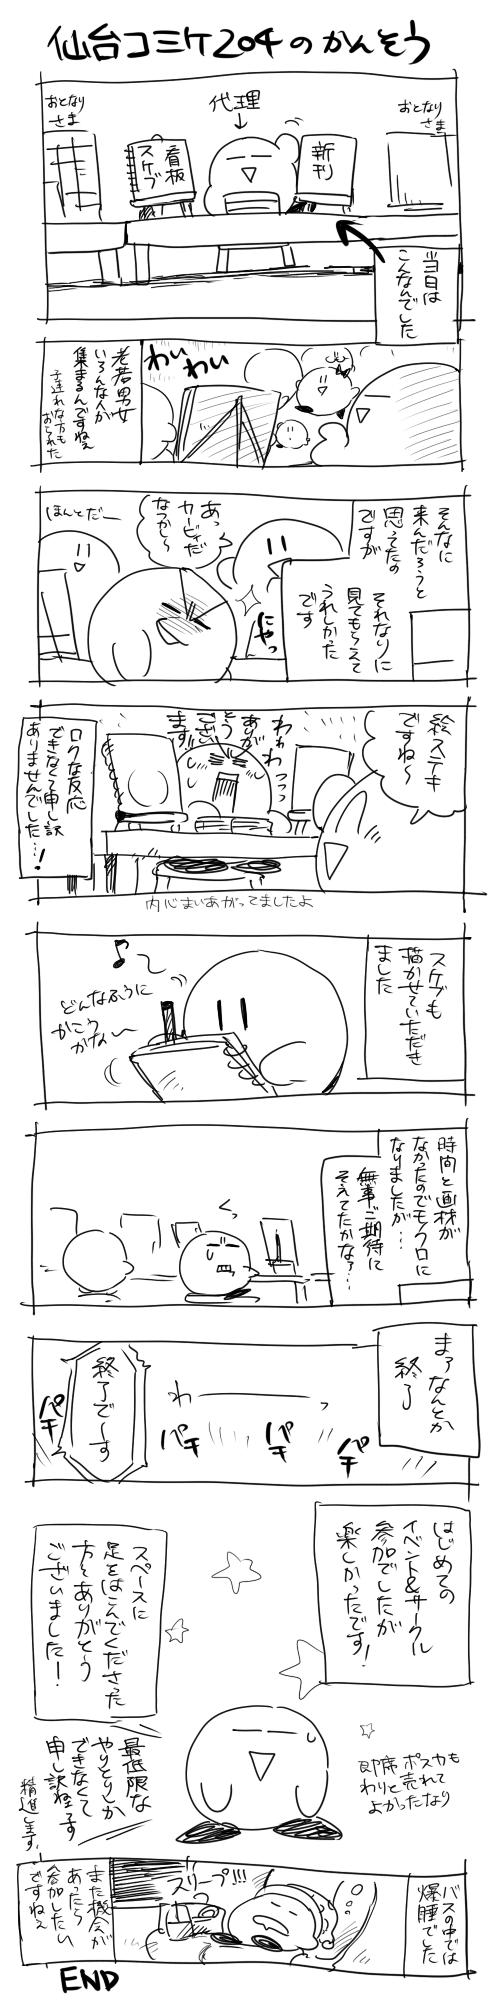 仙台コミケ204 ざっくり感想